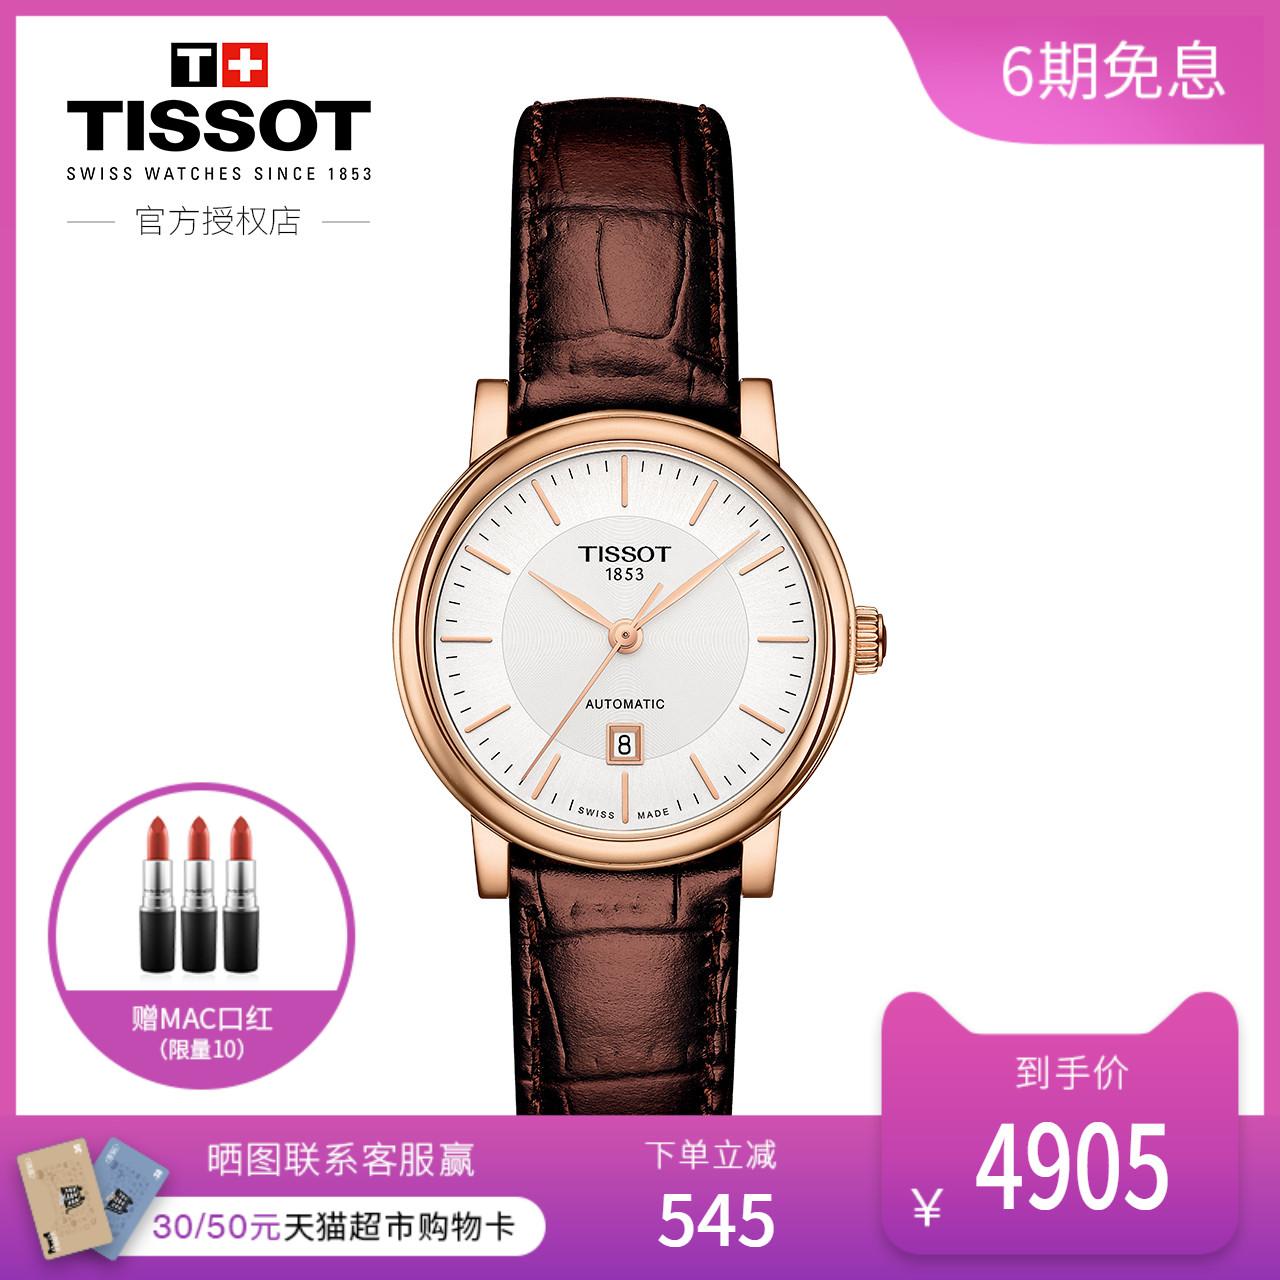 【新品】TISSOT天梭卡森臻我系列官方正品自动机械皮带手表女表